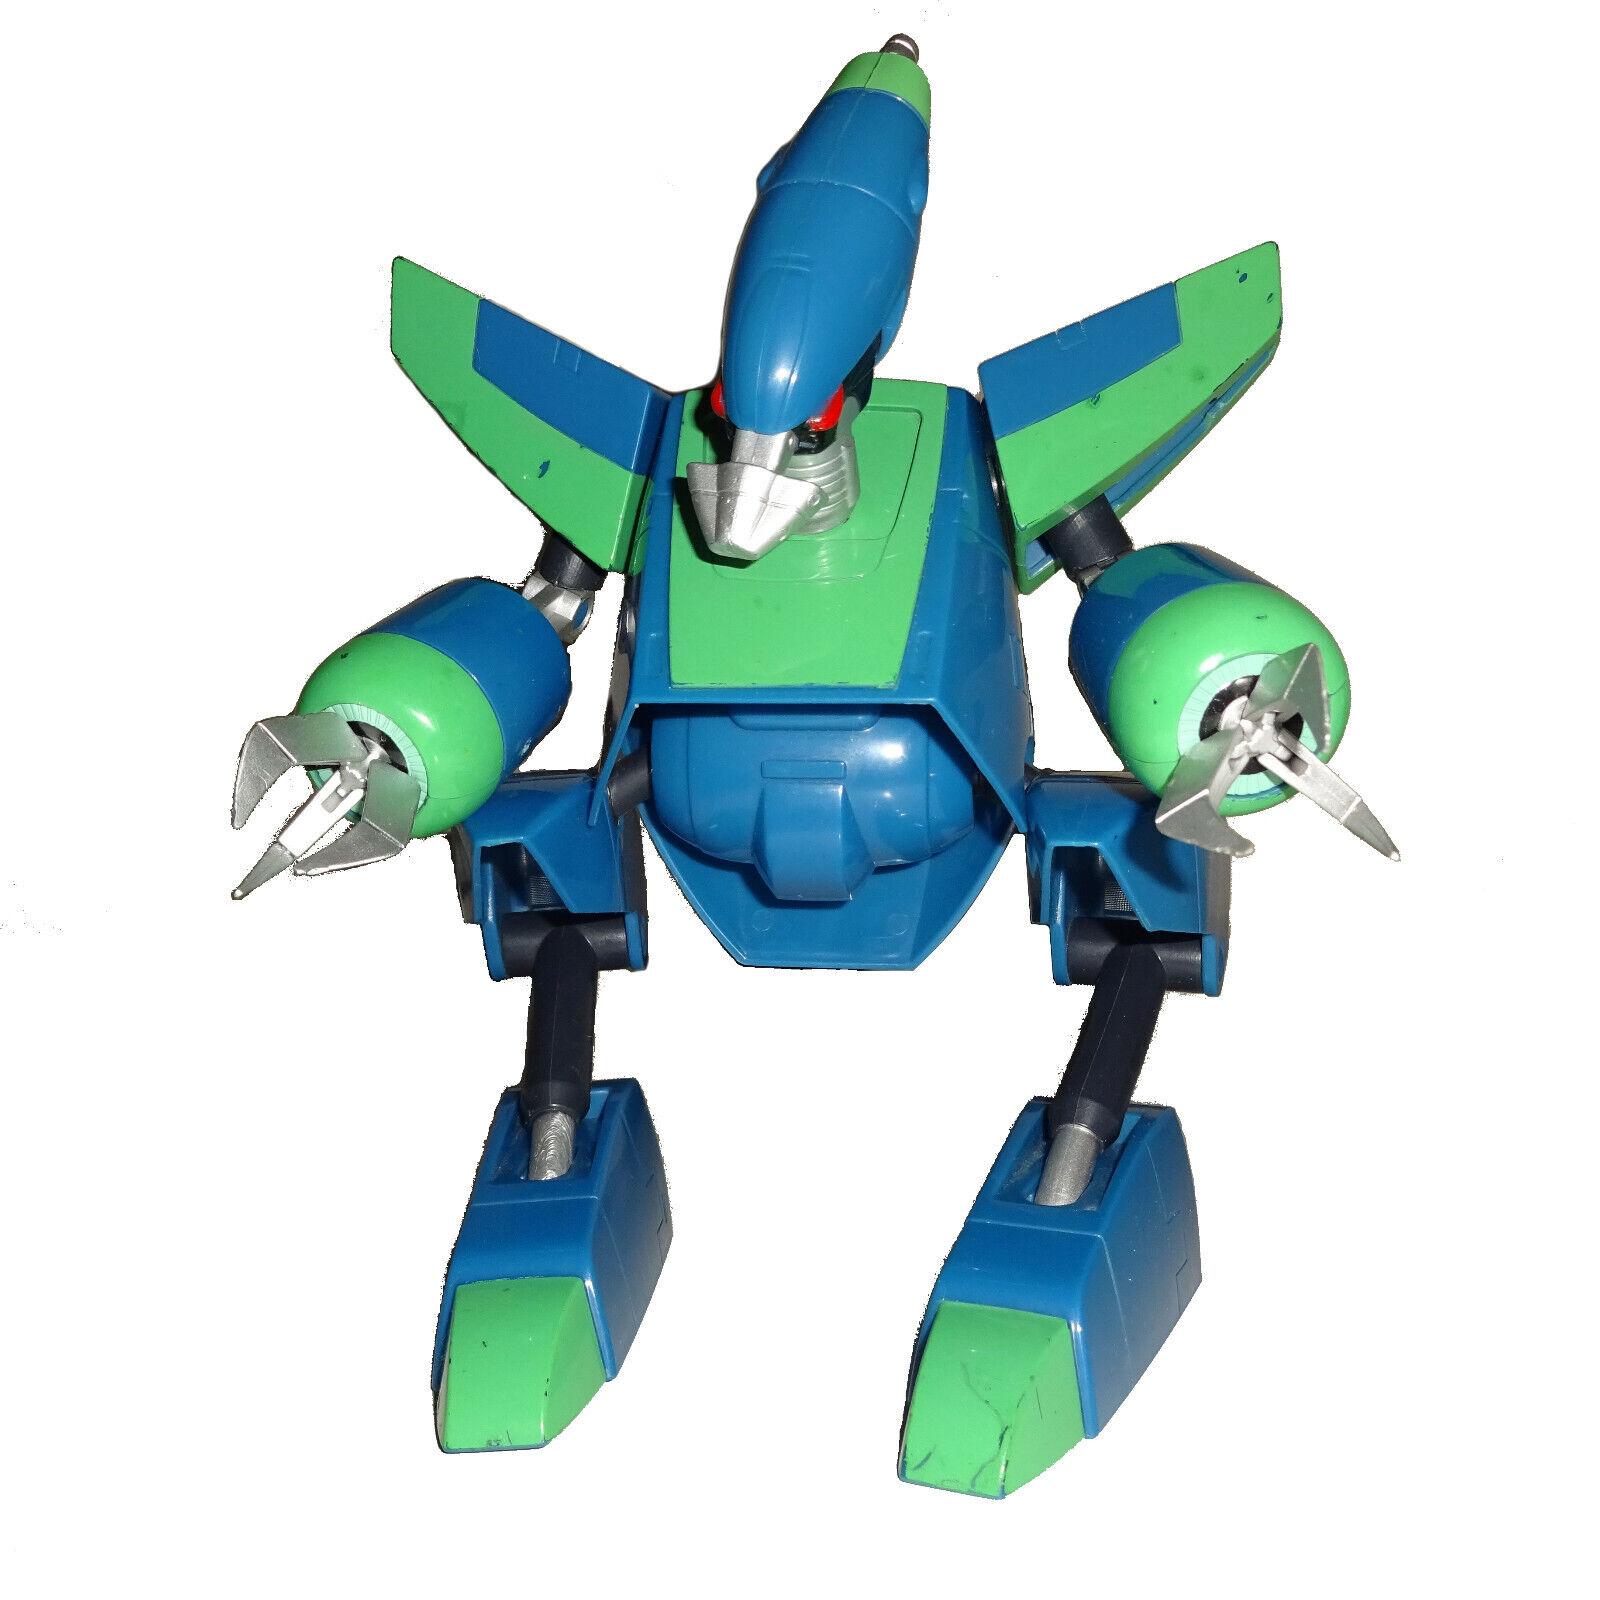 en linea Sonic X Erizo Mega Bot RBX-D05 Robot Figura de de de Acción raro duro encontrar  alta calidad